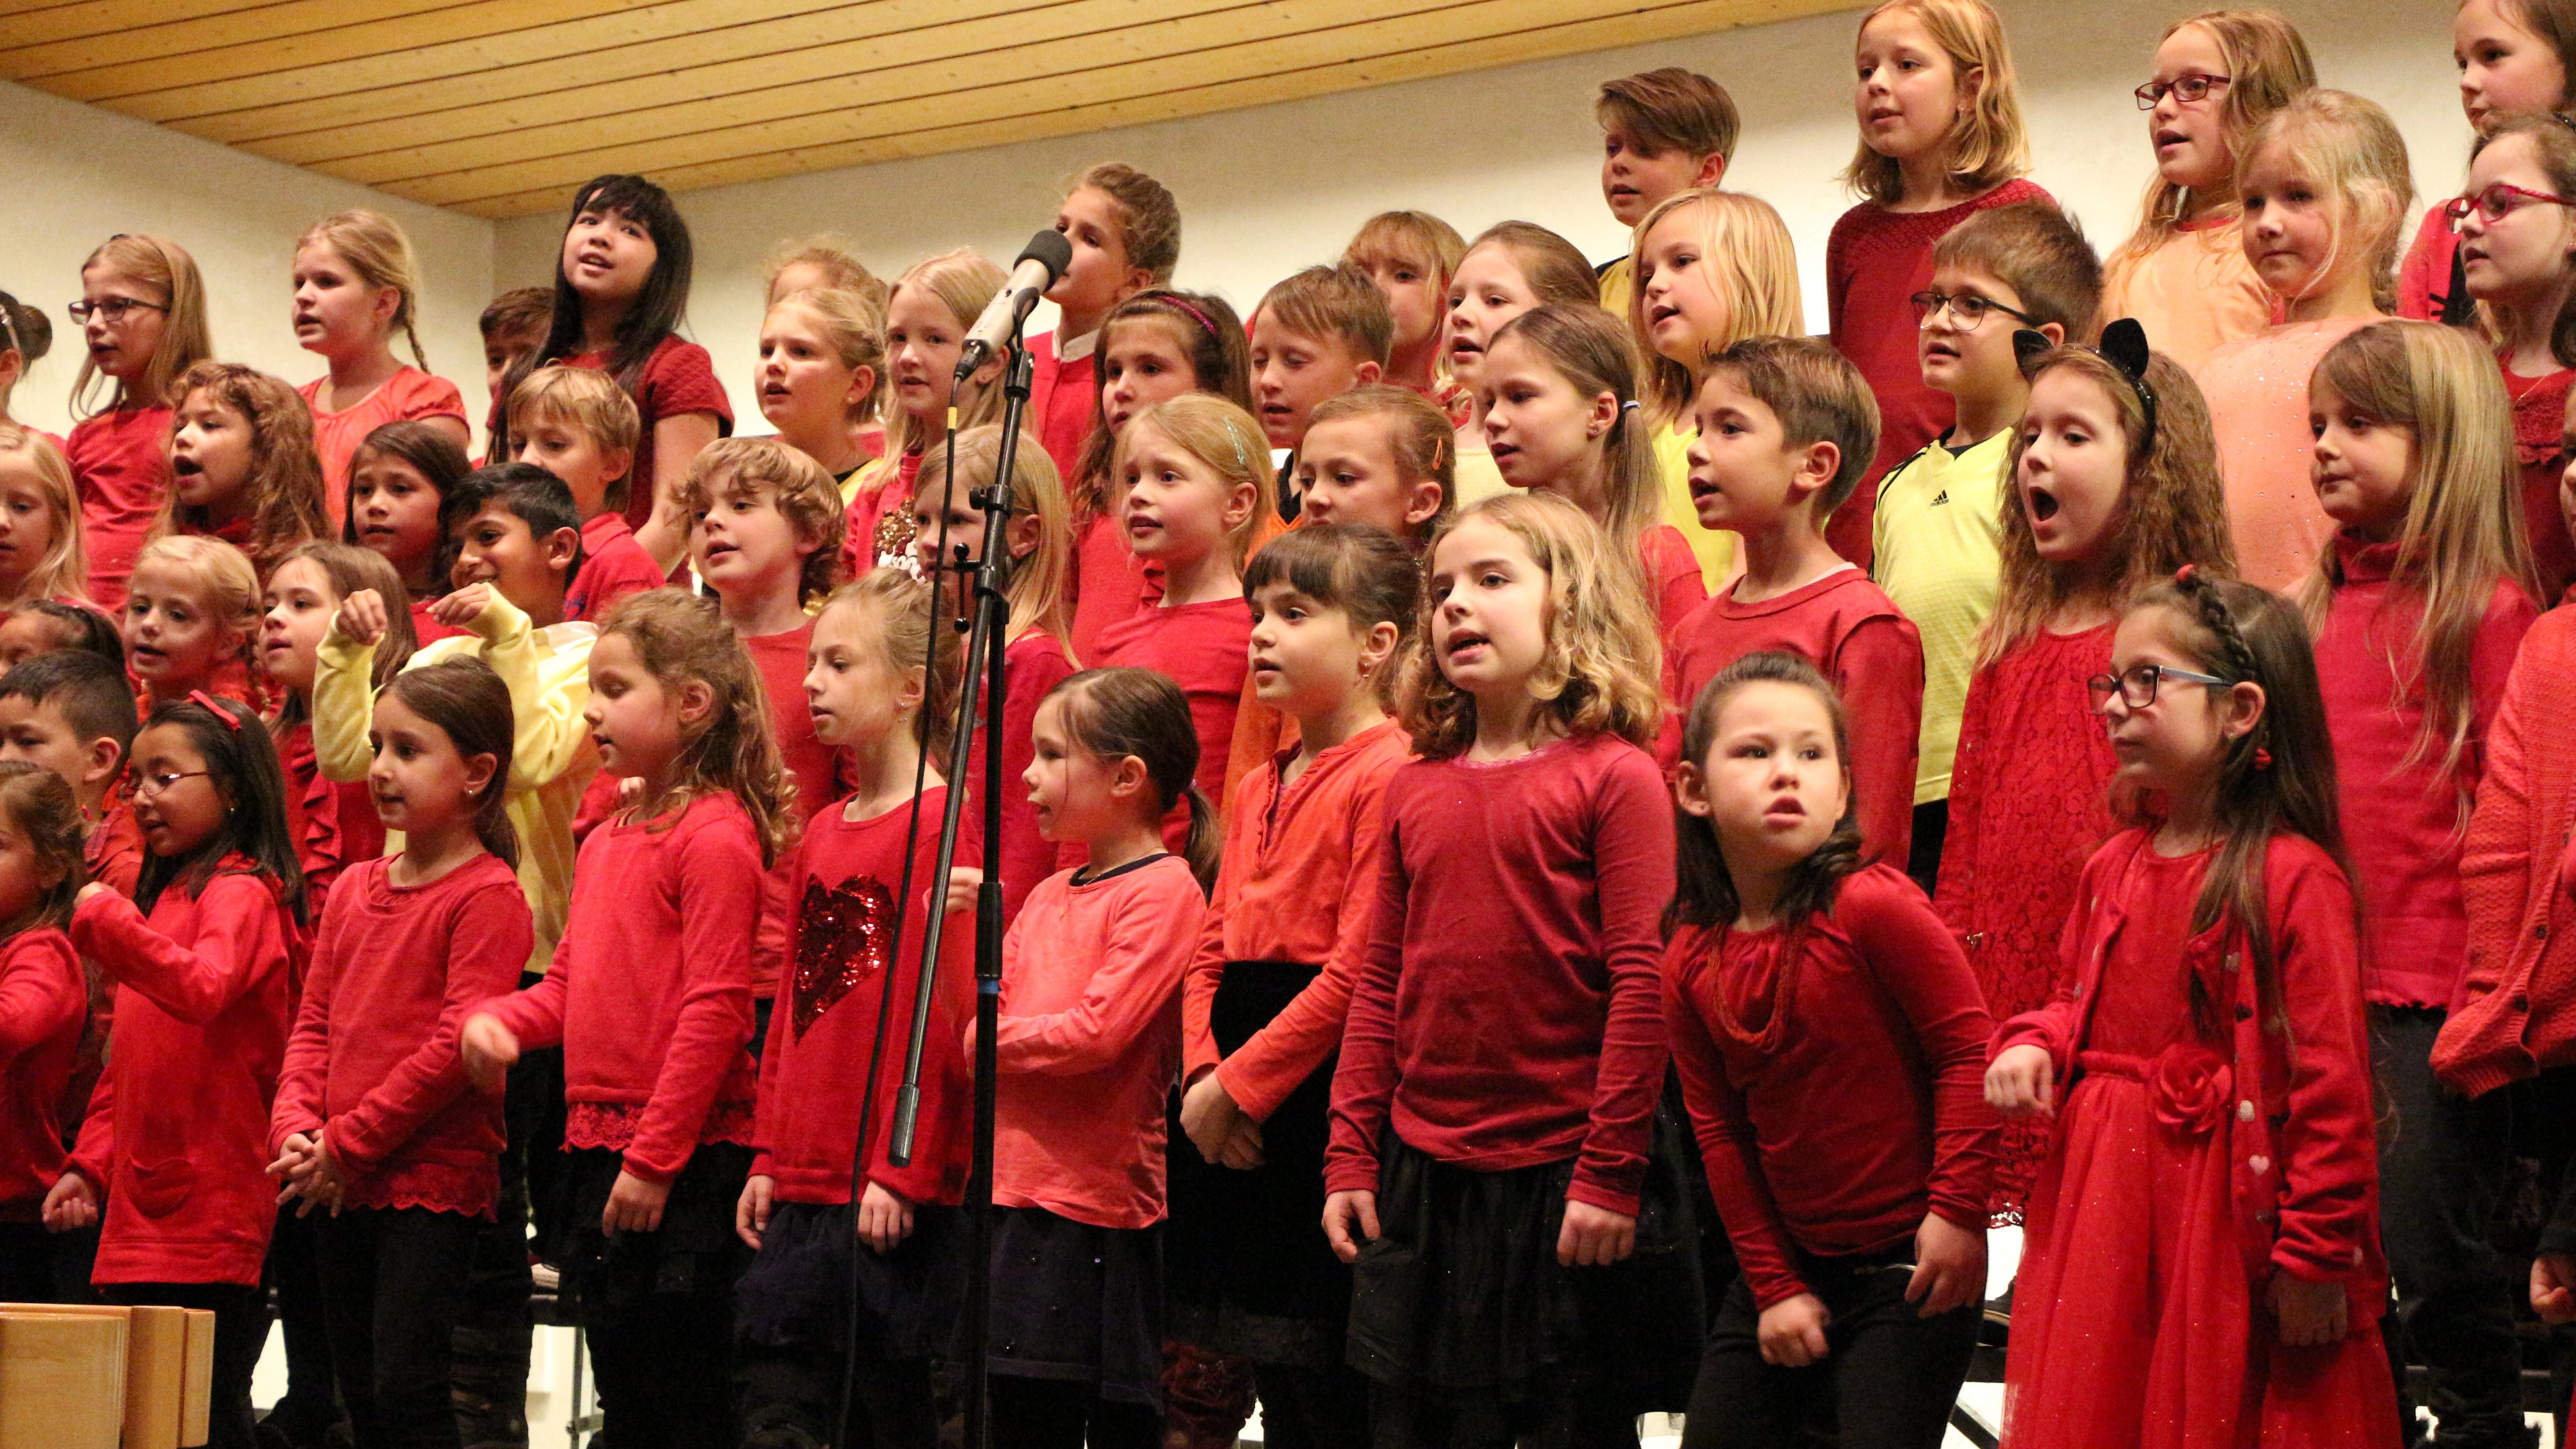 151217_bericht_weihnachtskonzert_musikschule_02.jpg